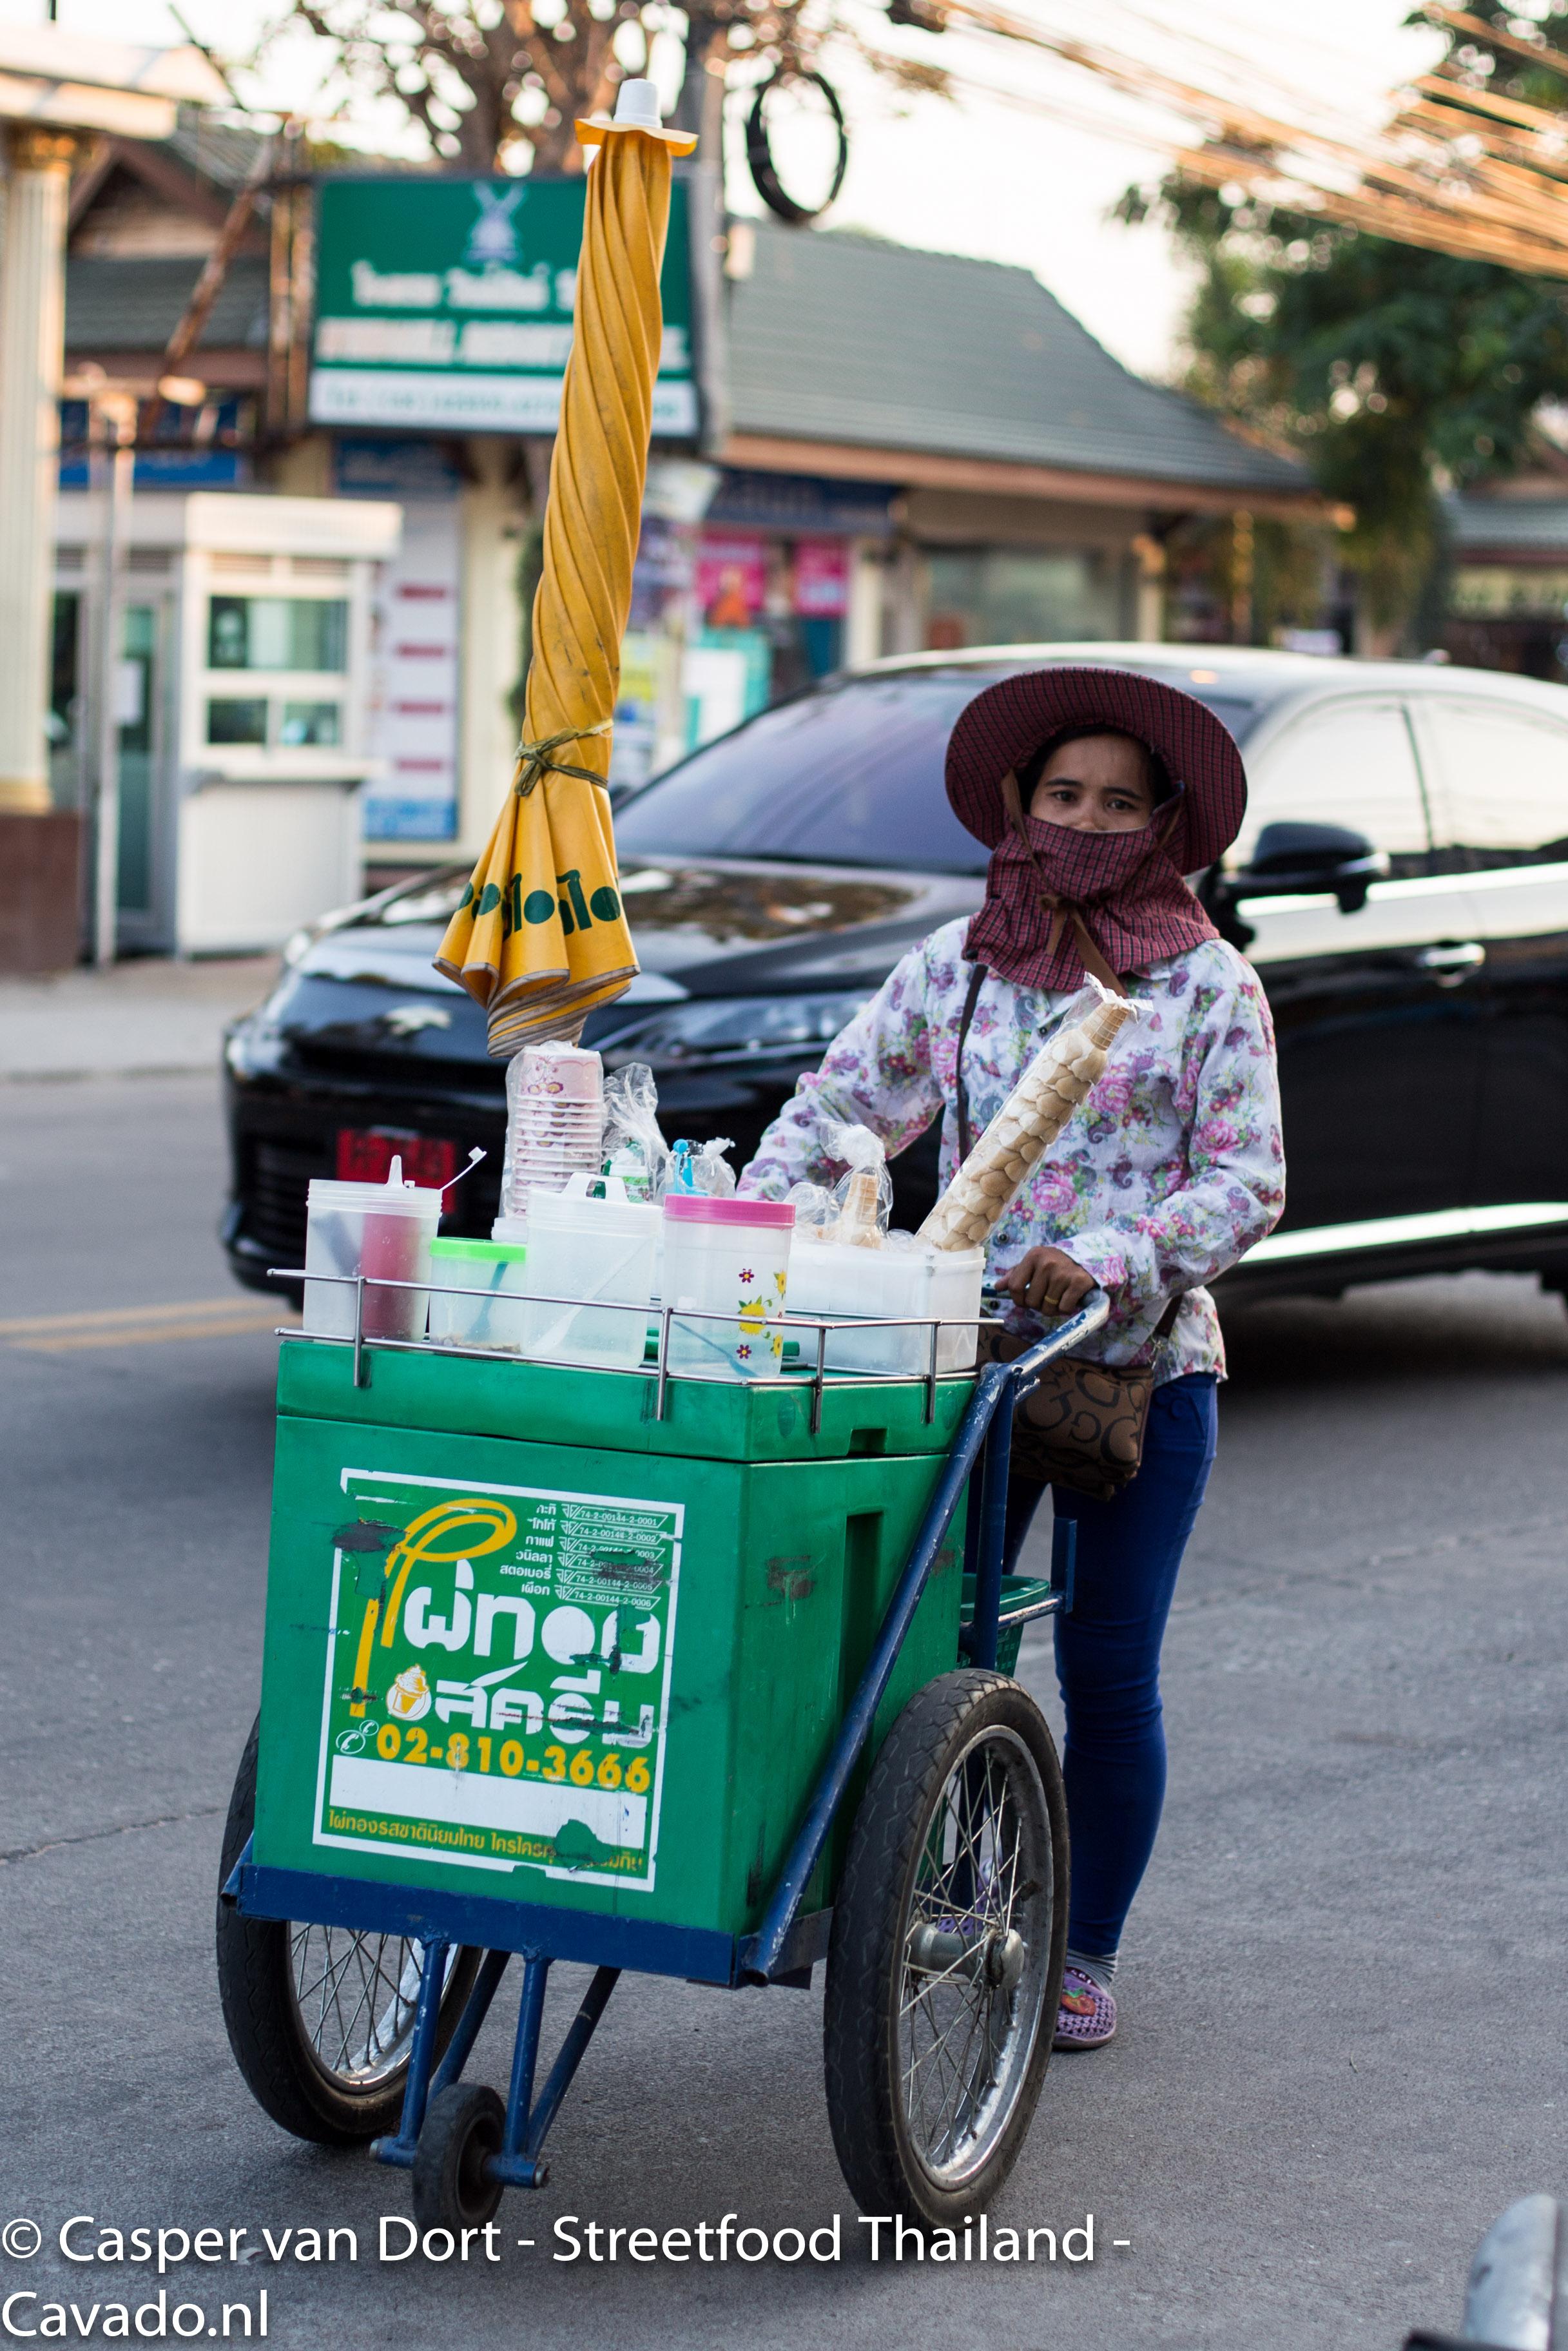 Thailand Streetfood-4.jpg